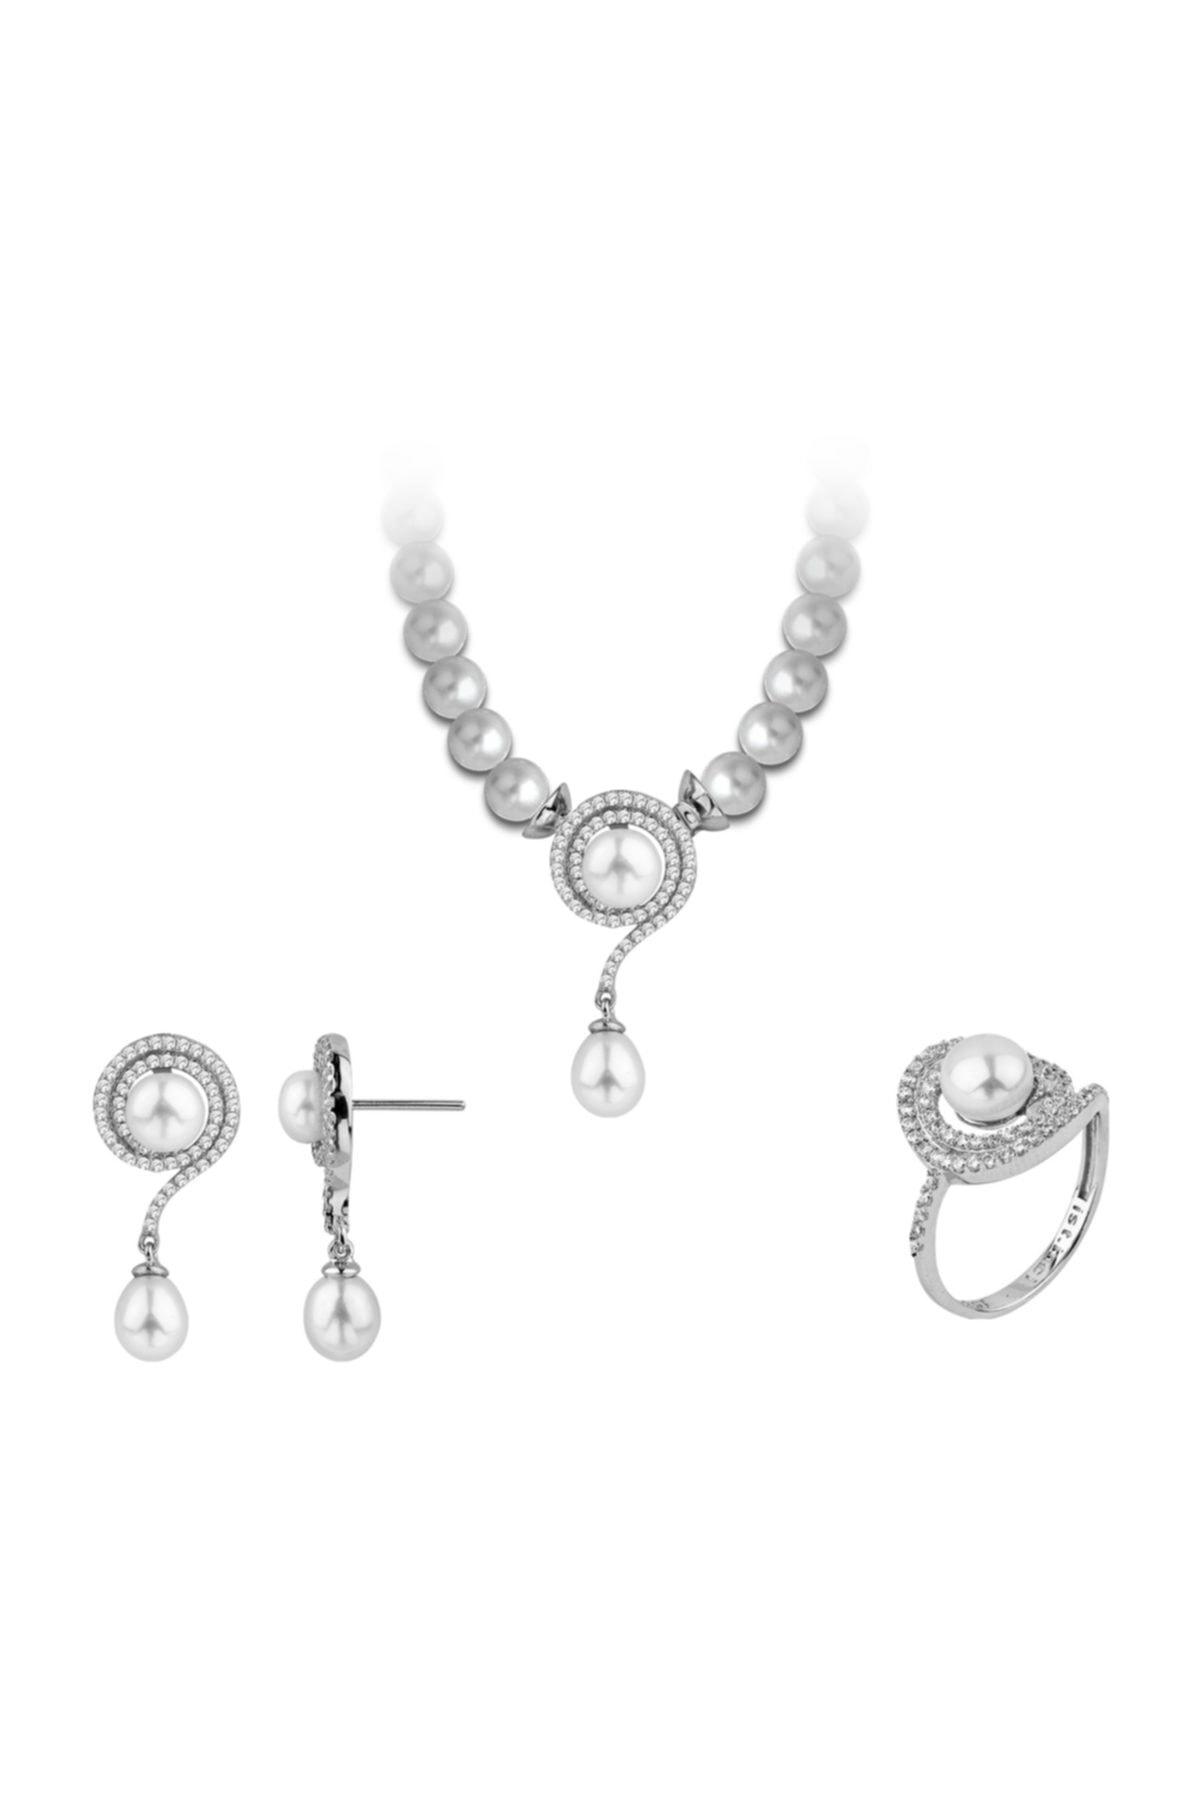 Chavin Inci Gümüş Kolye Küpe Yüzük Takım Set Ee04 1